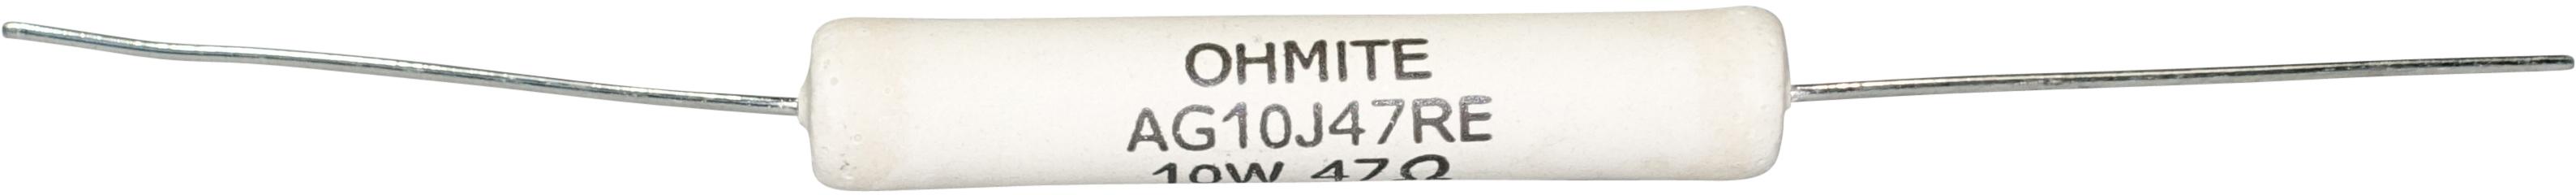 Ohmite Audio Gold 10W - 8,2 Ohm